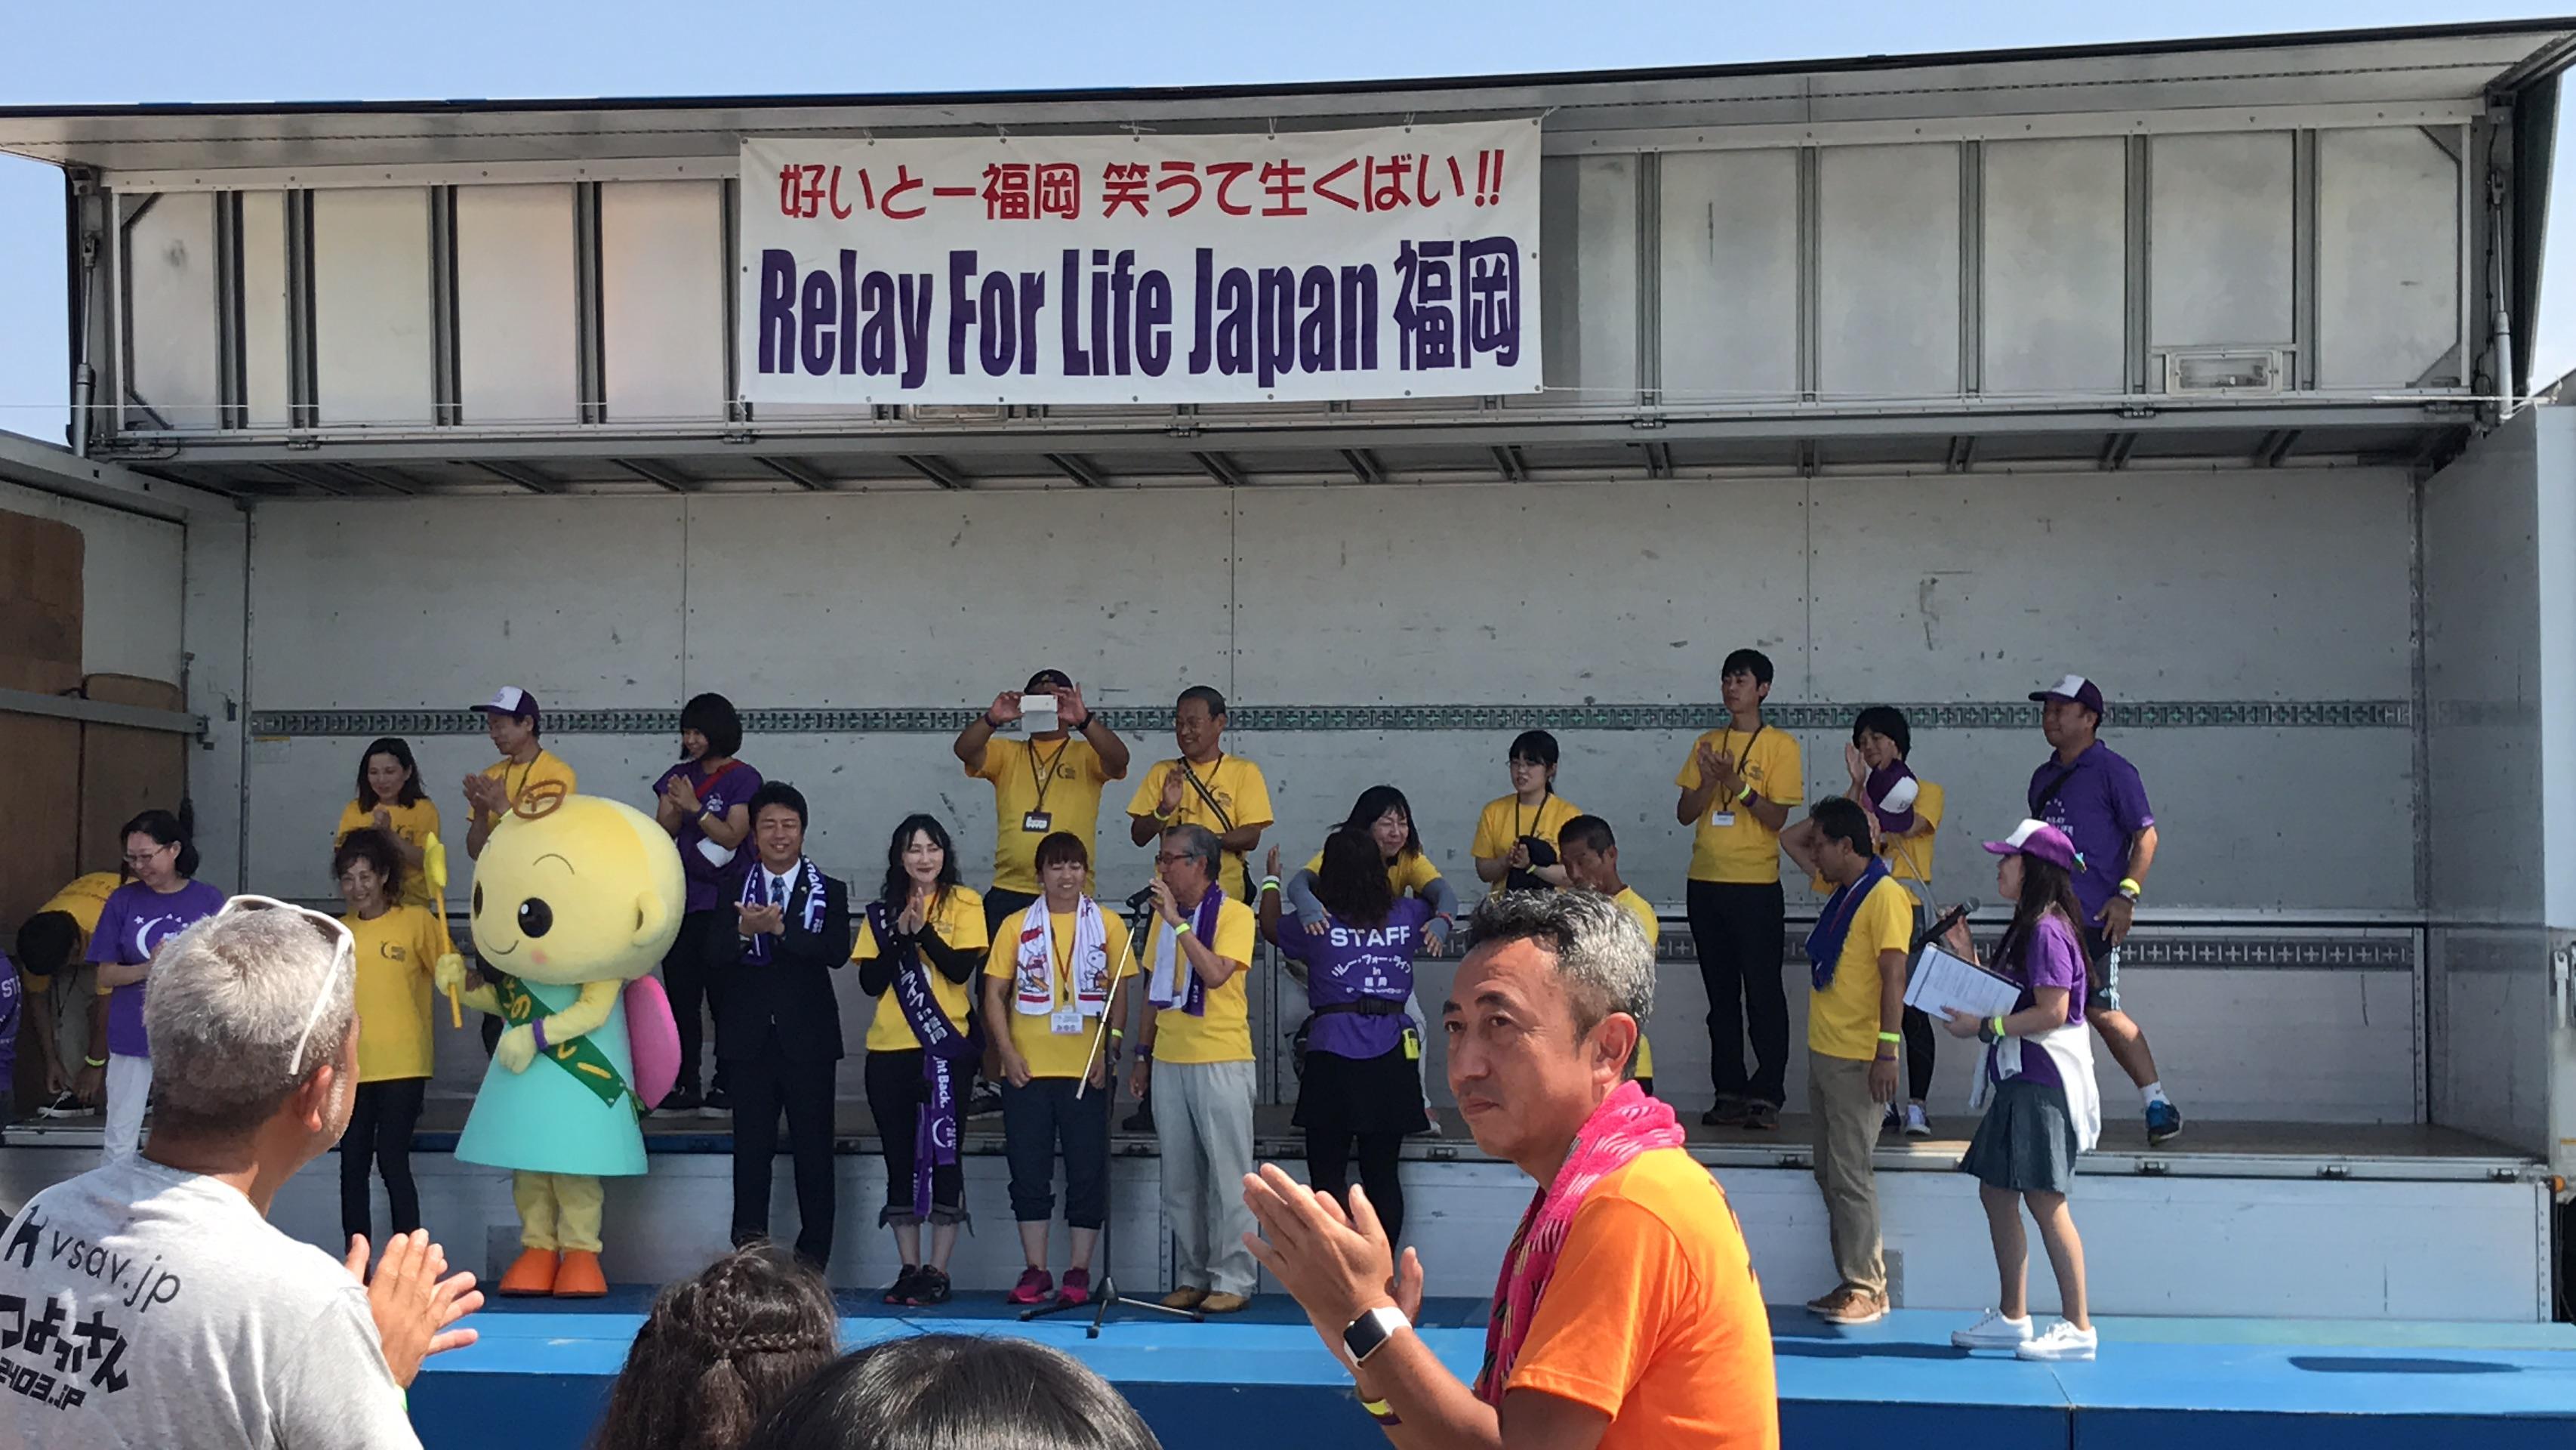 リレーフォライフ福岡2017画像36